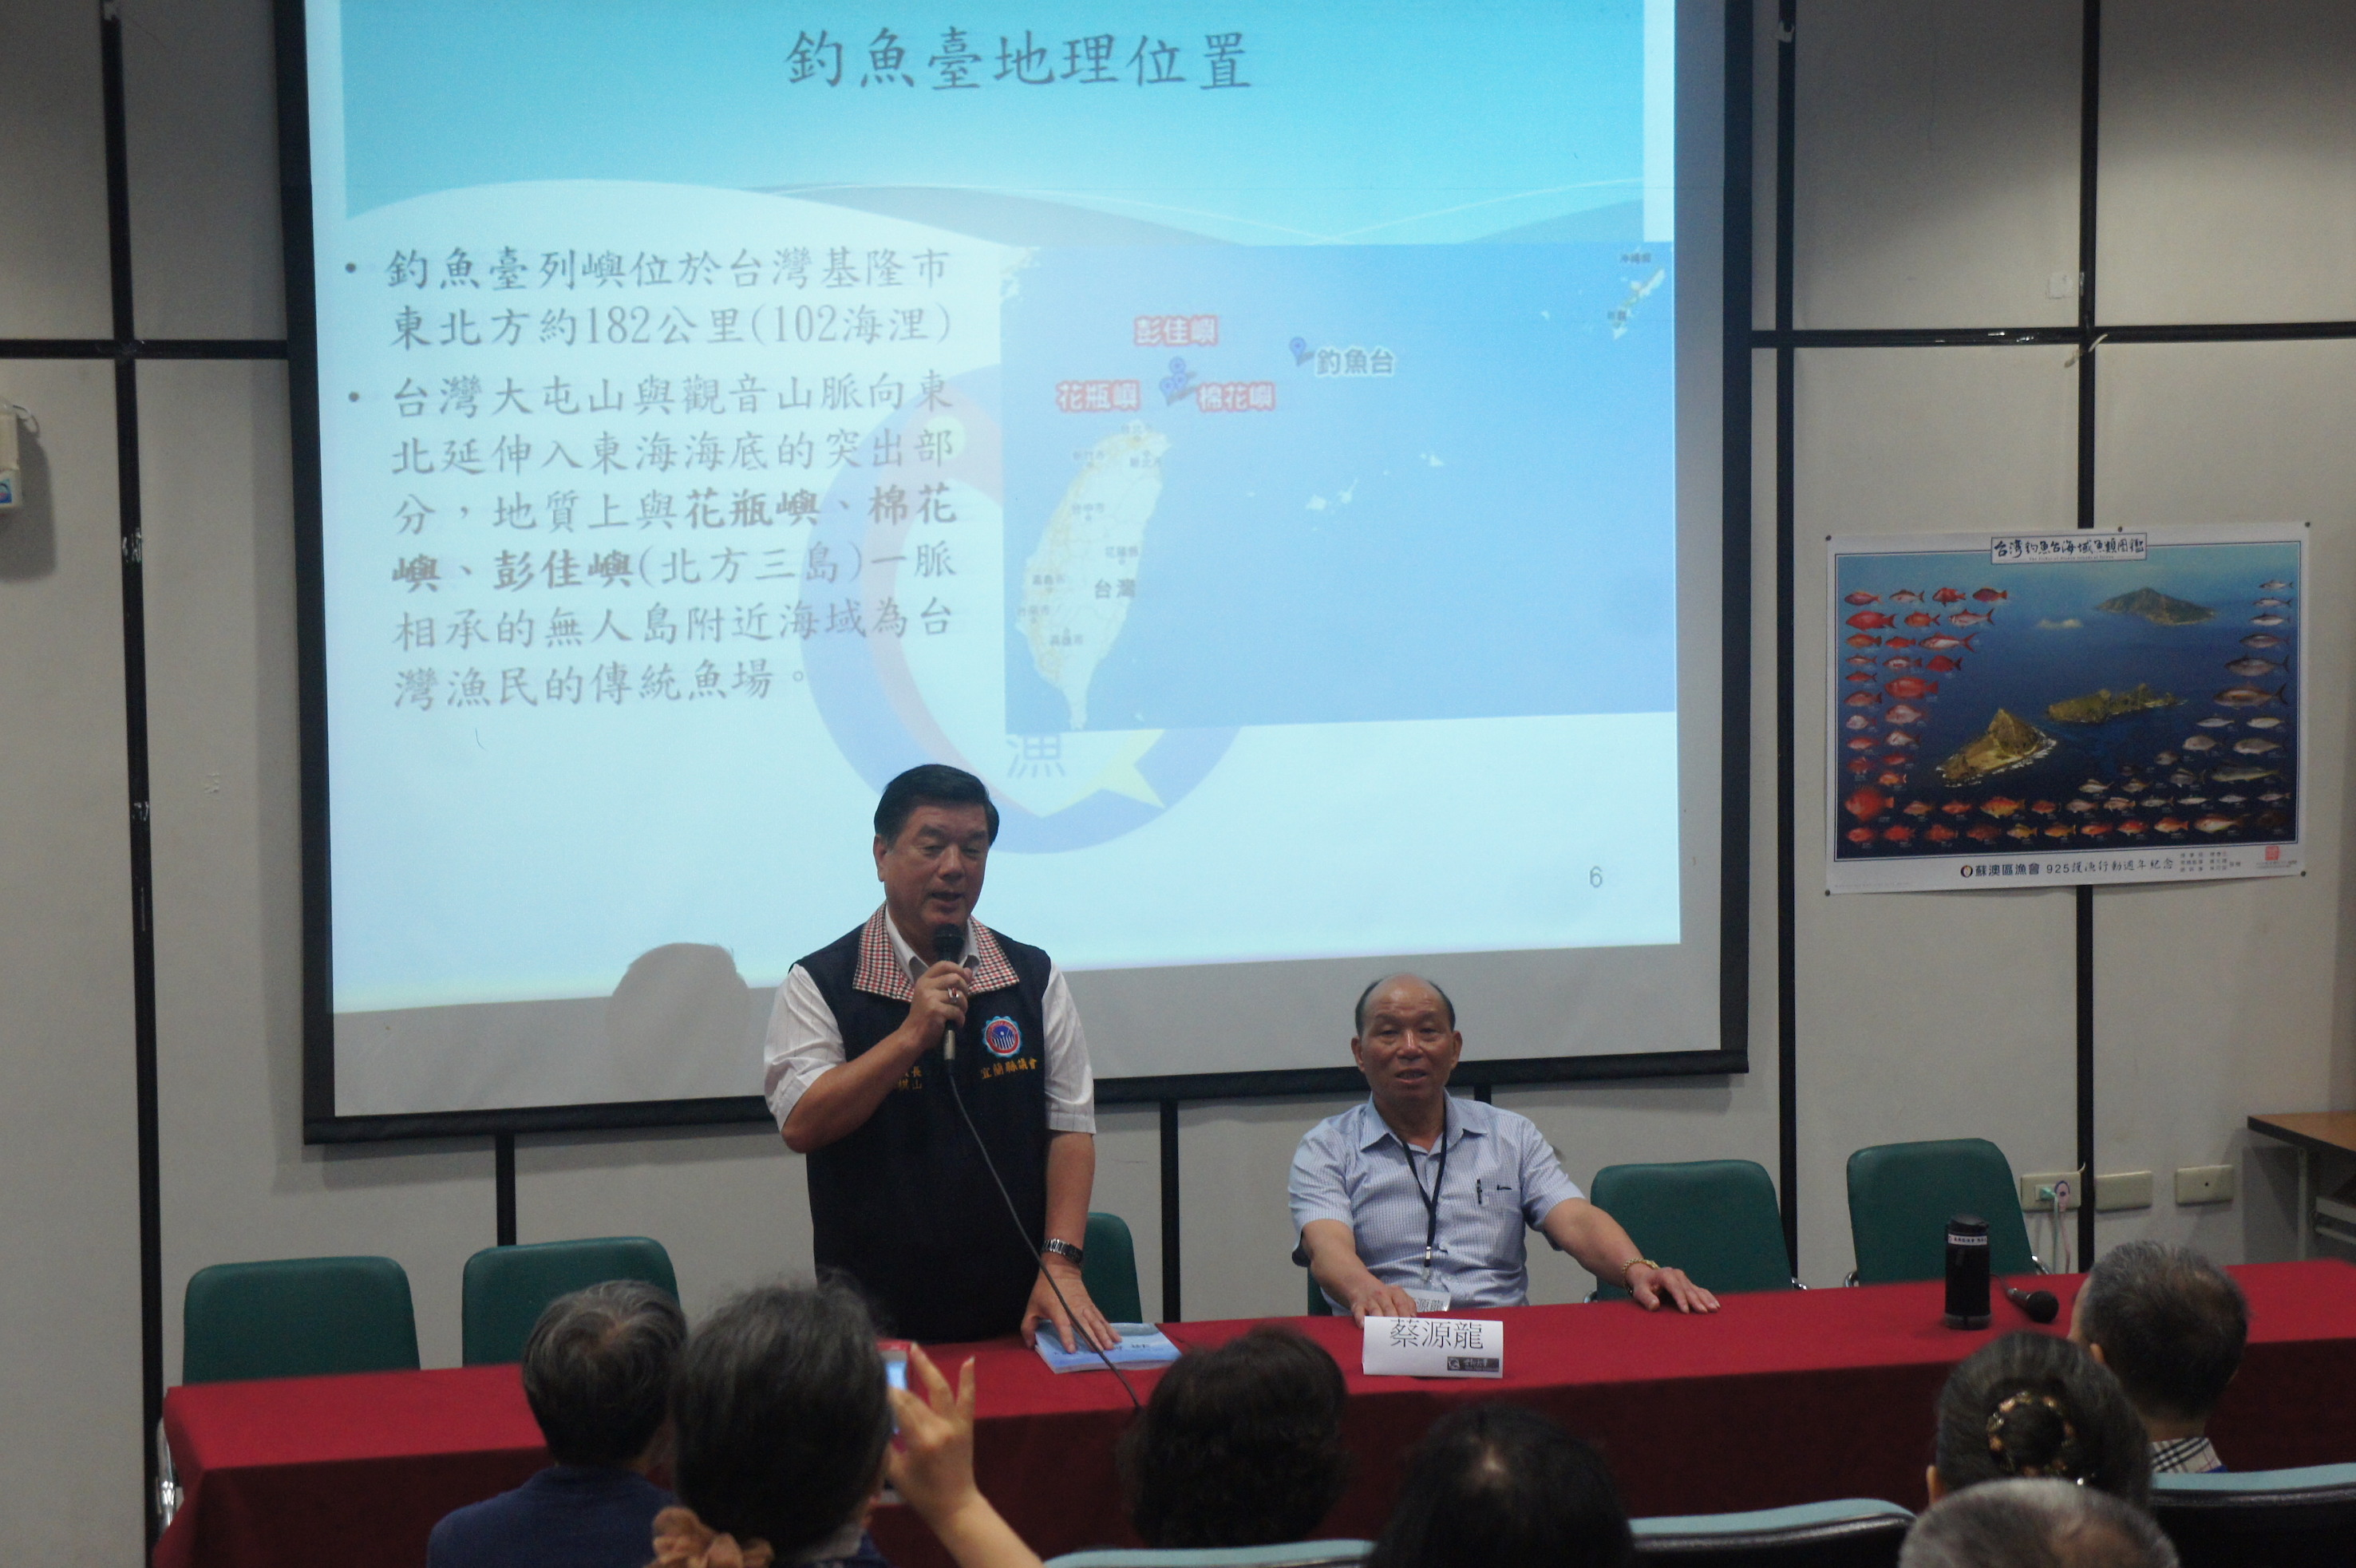 2012漁船保釣行動組織者林棋山   分享人民對國家強權的反抗力量